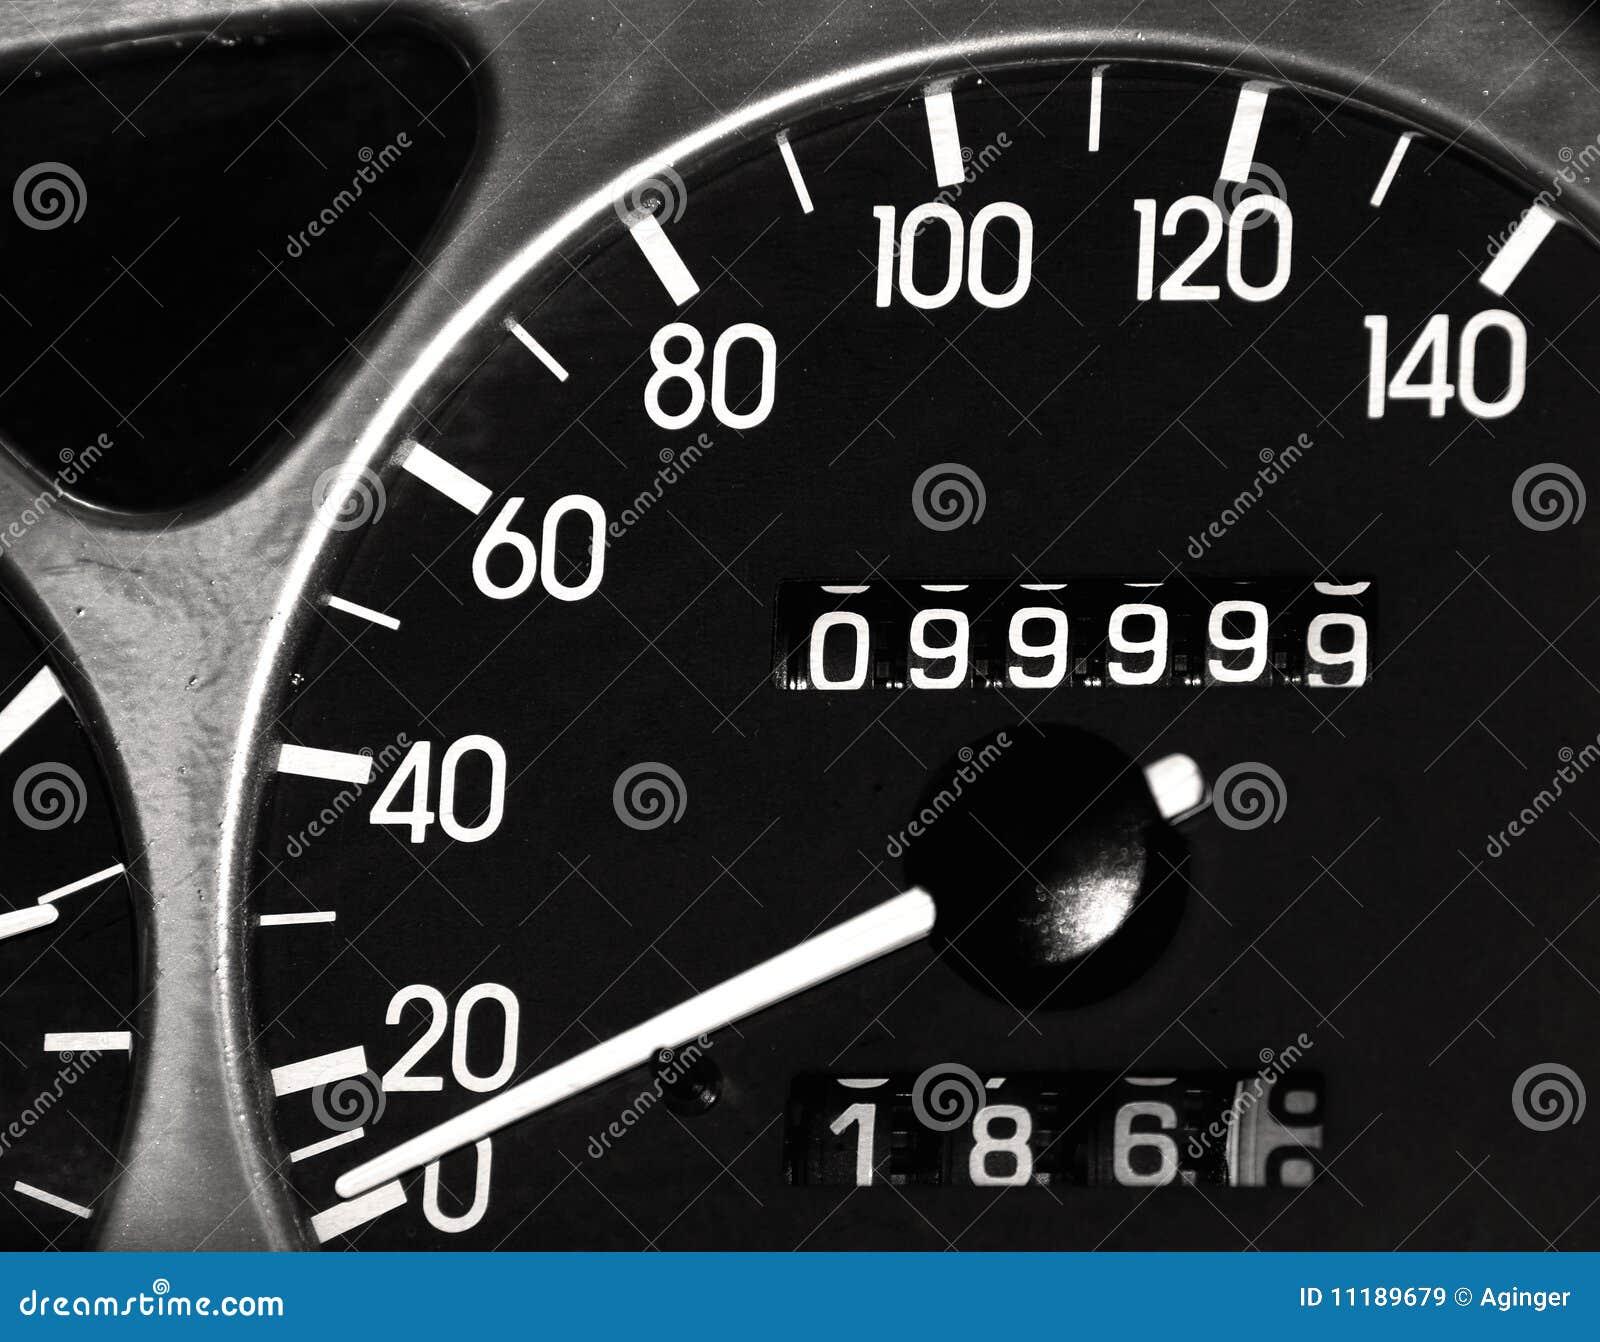 9 99 999 mil